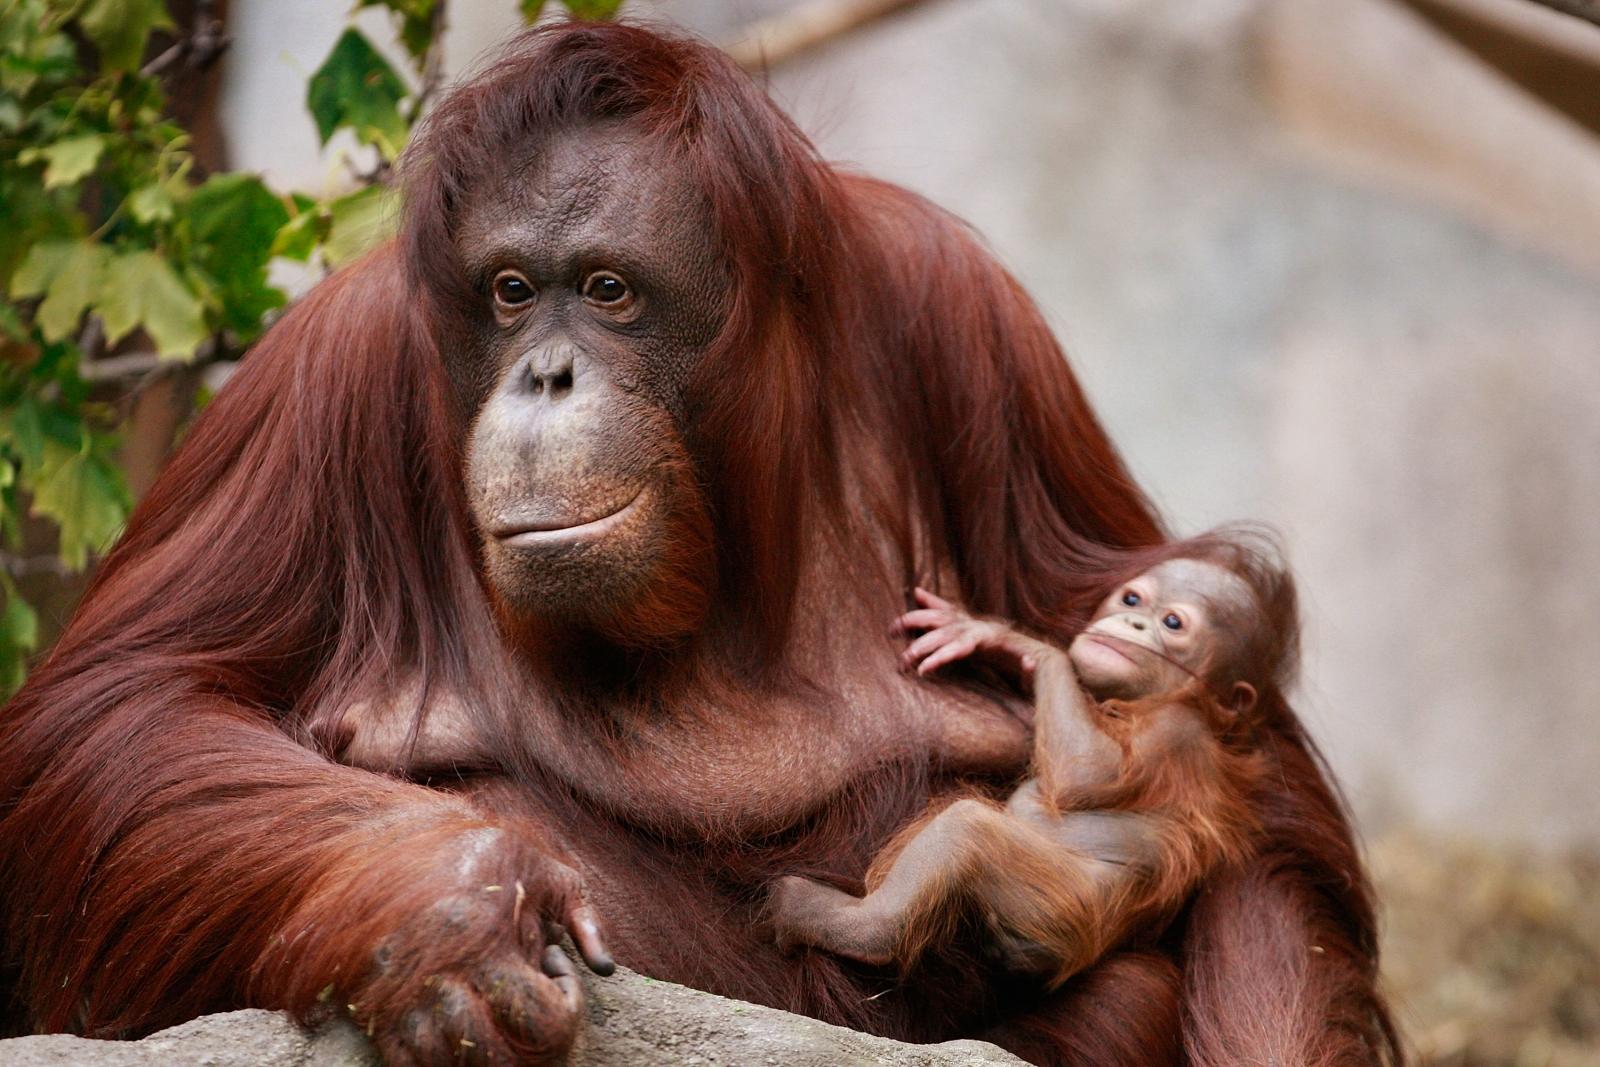 Borean orangutans